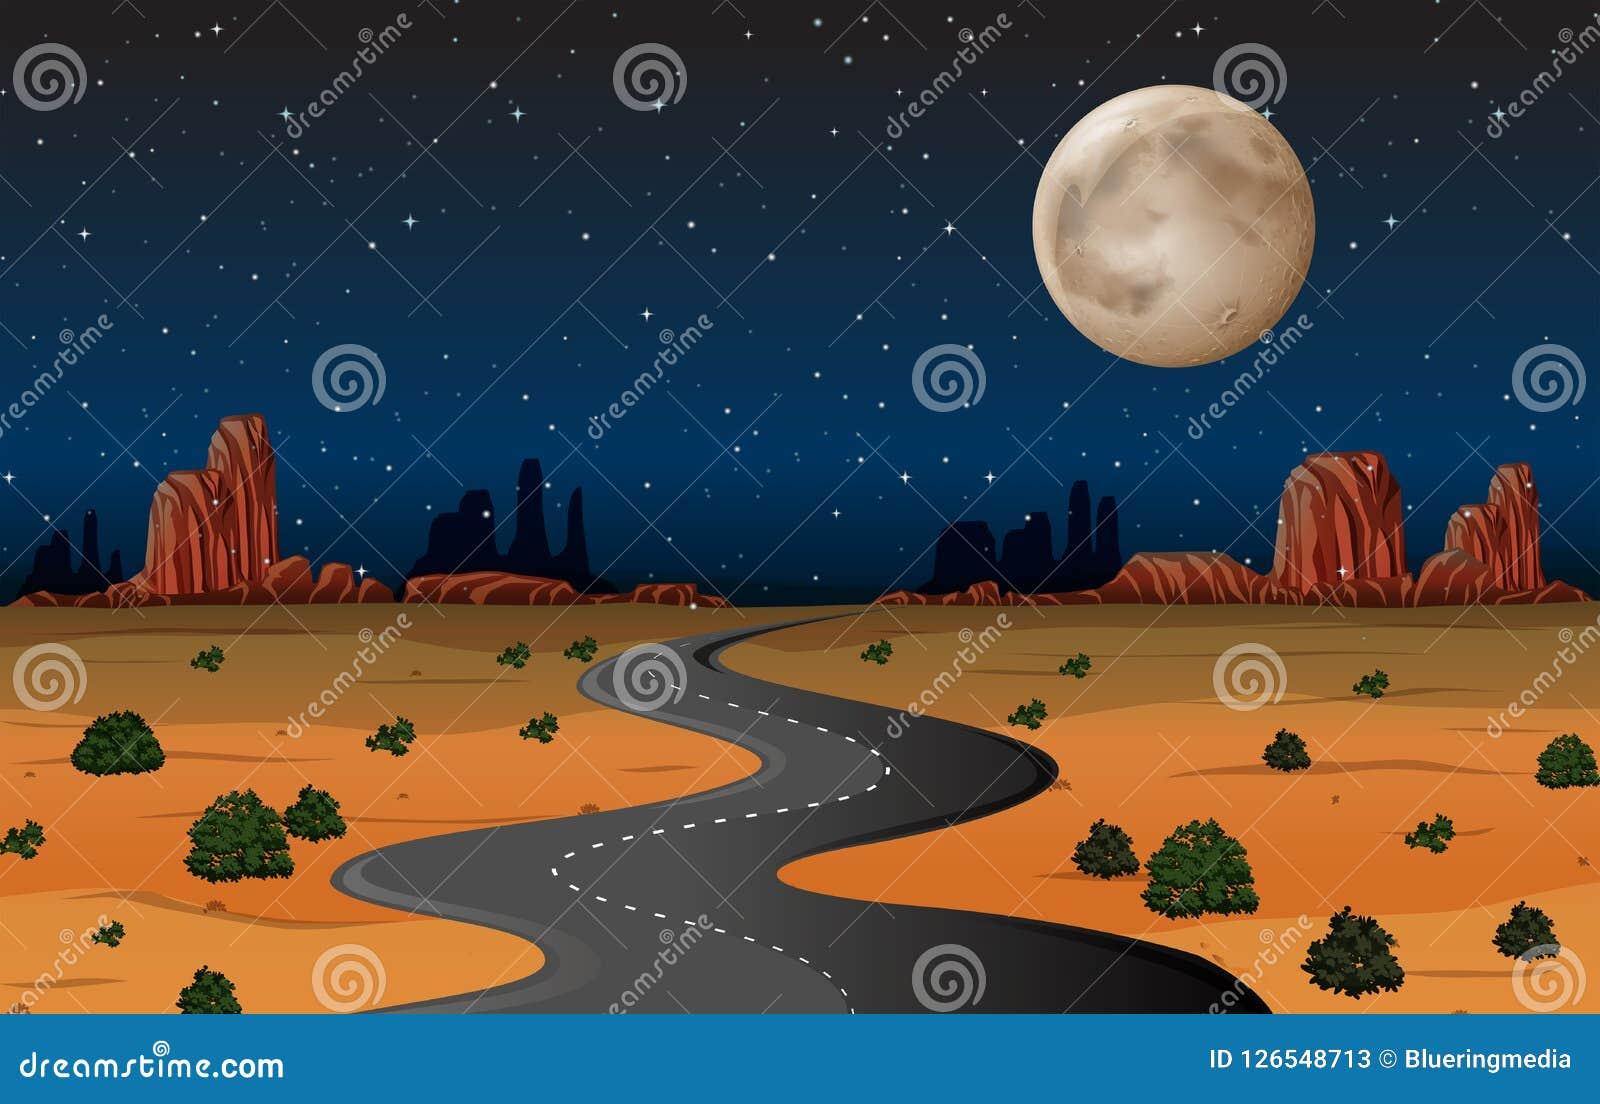 Arizona-Wüstenstraße nachts